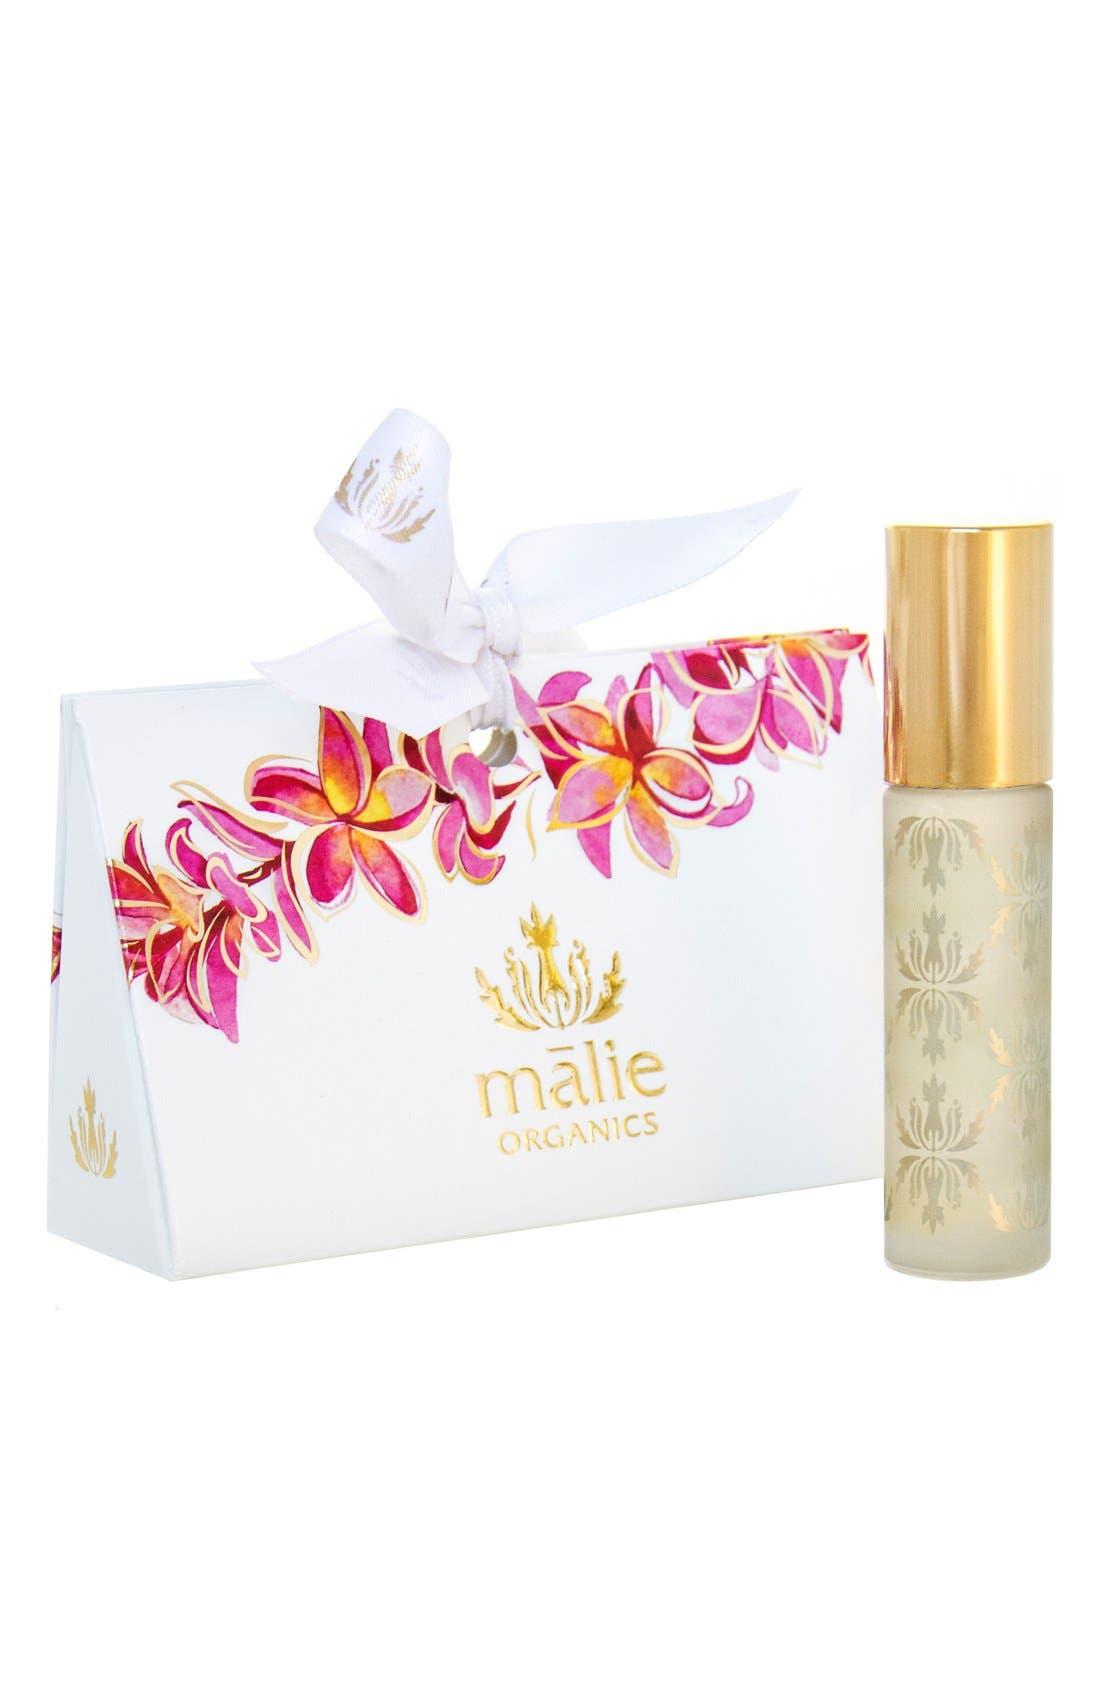 Malie Organics Plumeria Organic Roll-On Perfume Oil